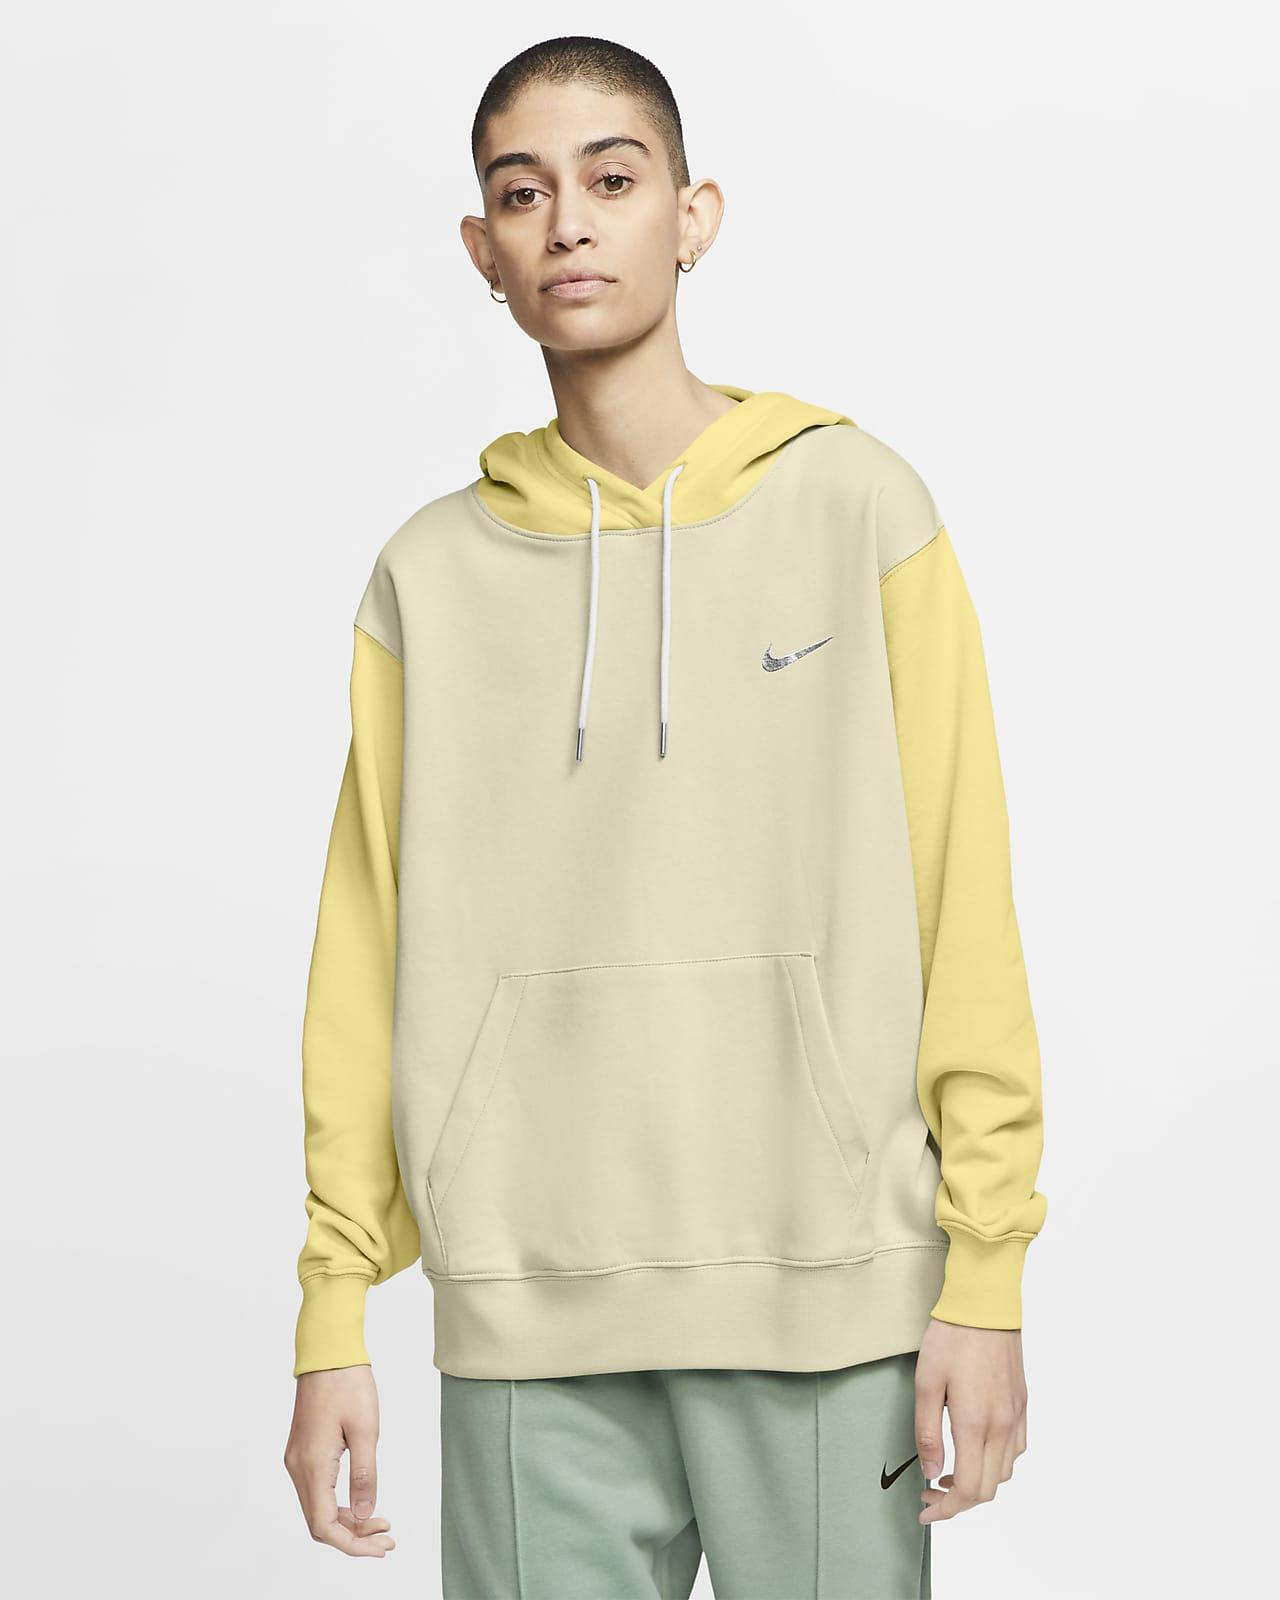 Nike Sportswear Women's Swoosh Pullover Hoodie